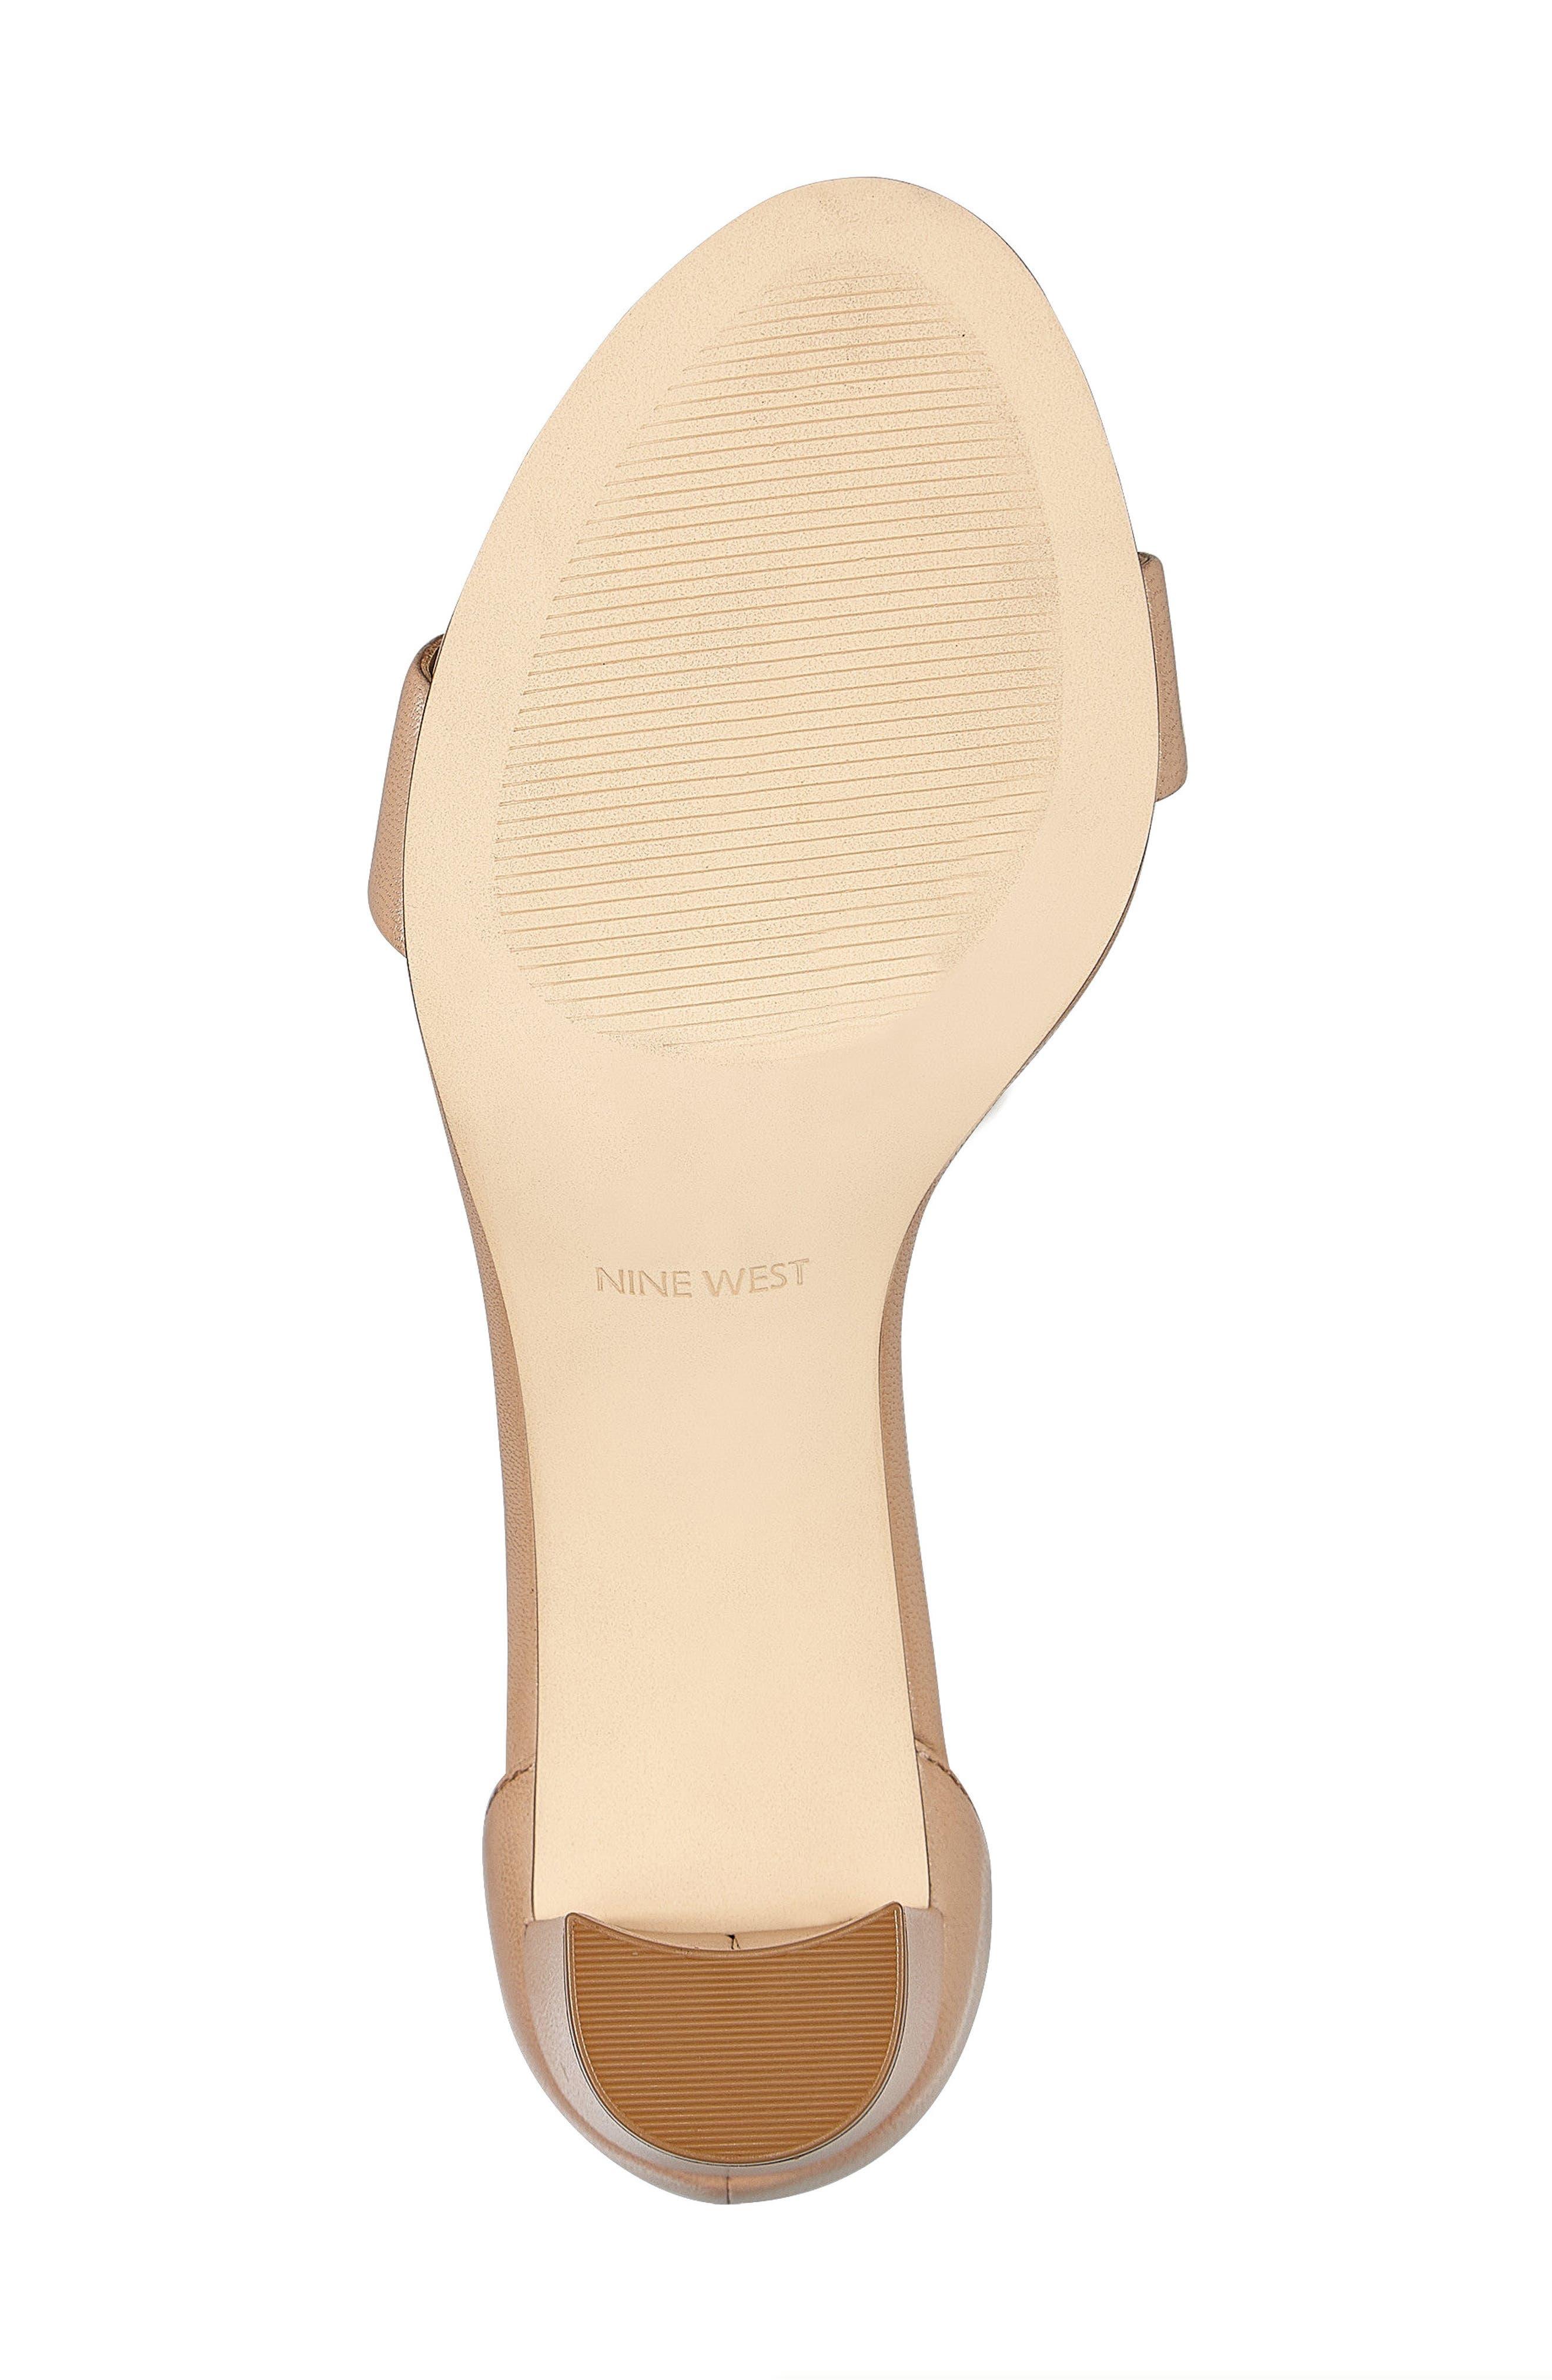 NINE WEST, Pruce Ankle Strap Sandal, Alternate thumbnail 6, color, LIGHT NATURAL LEATHER